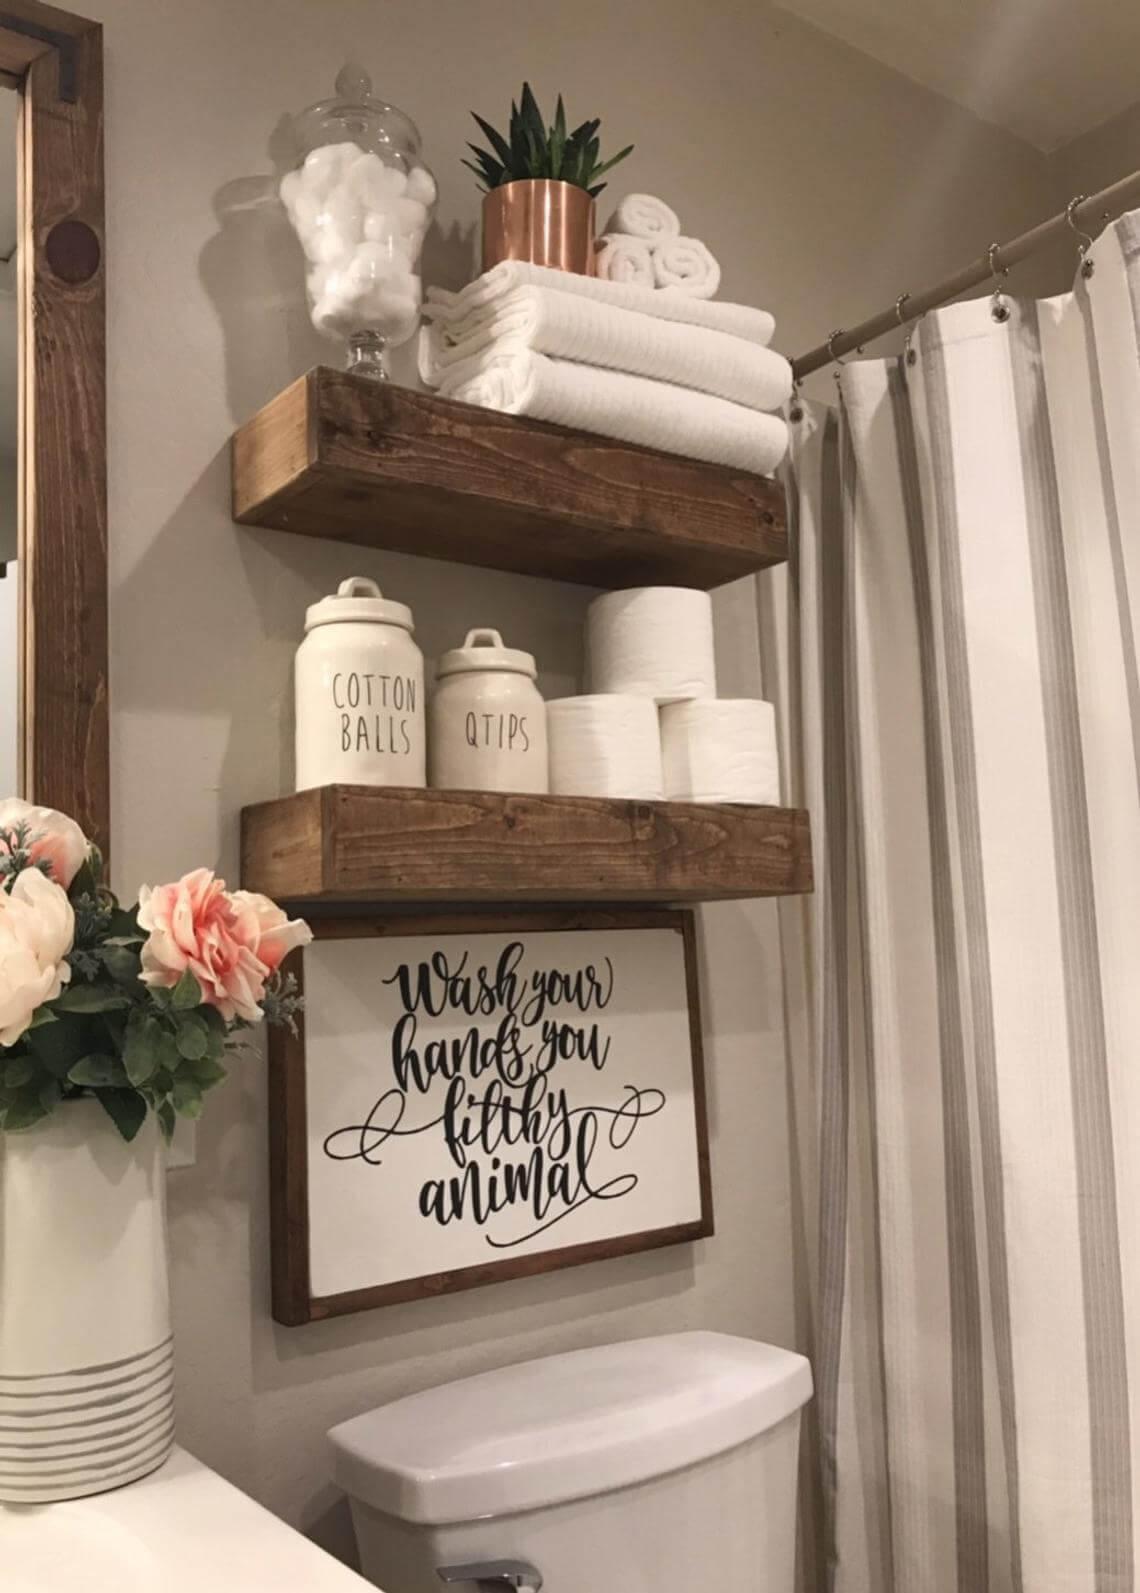 Wood Works Wonders in this Rustic Bathroom